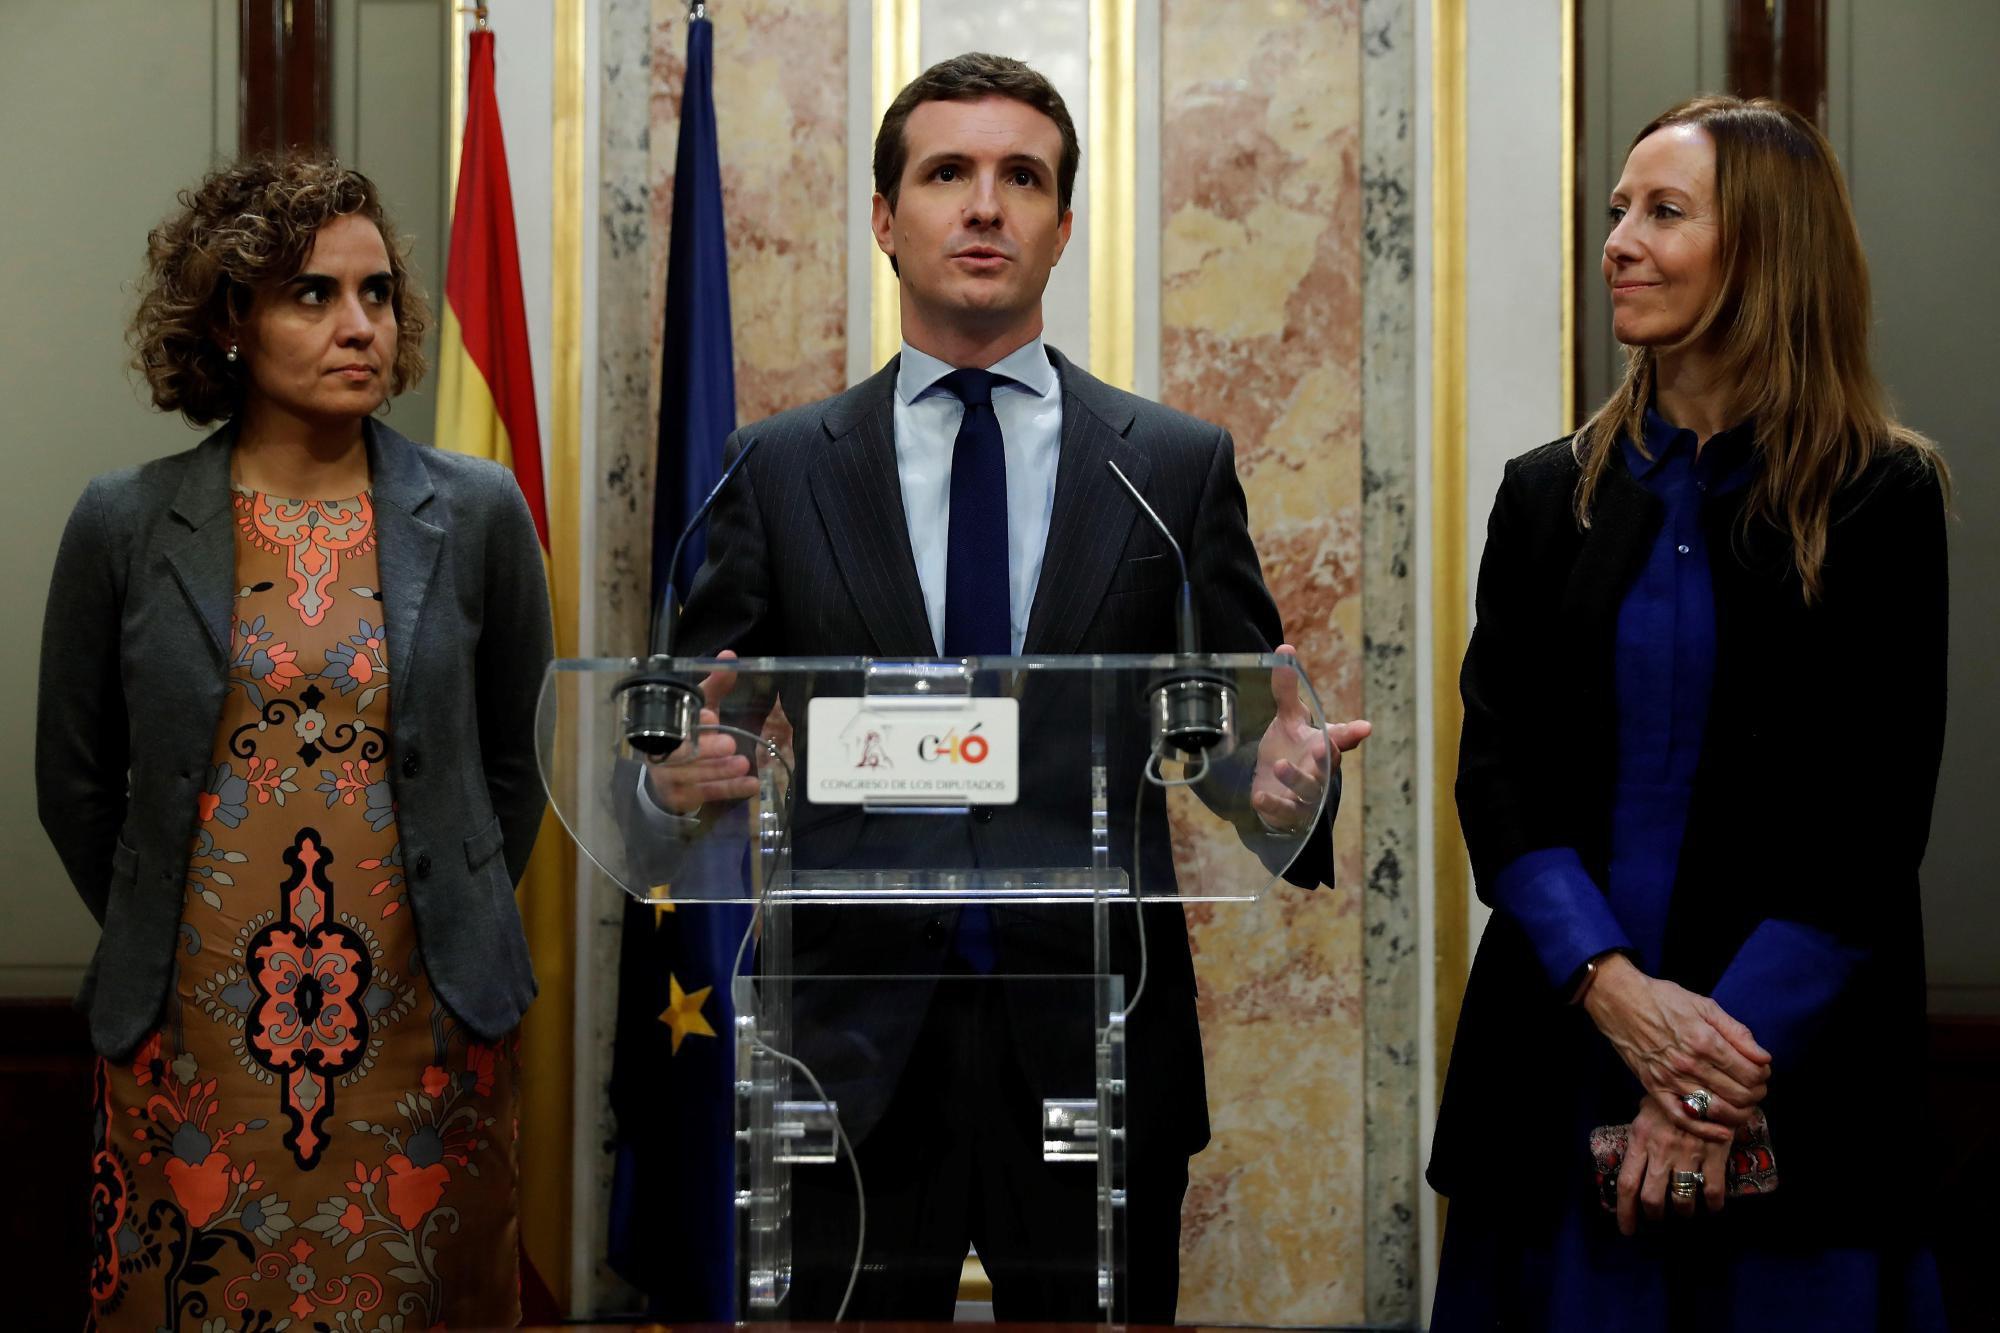 Athena2 Spain Post Post Athena2 Huffington Spain Huffington Huffington IYW2DH9E